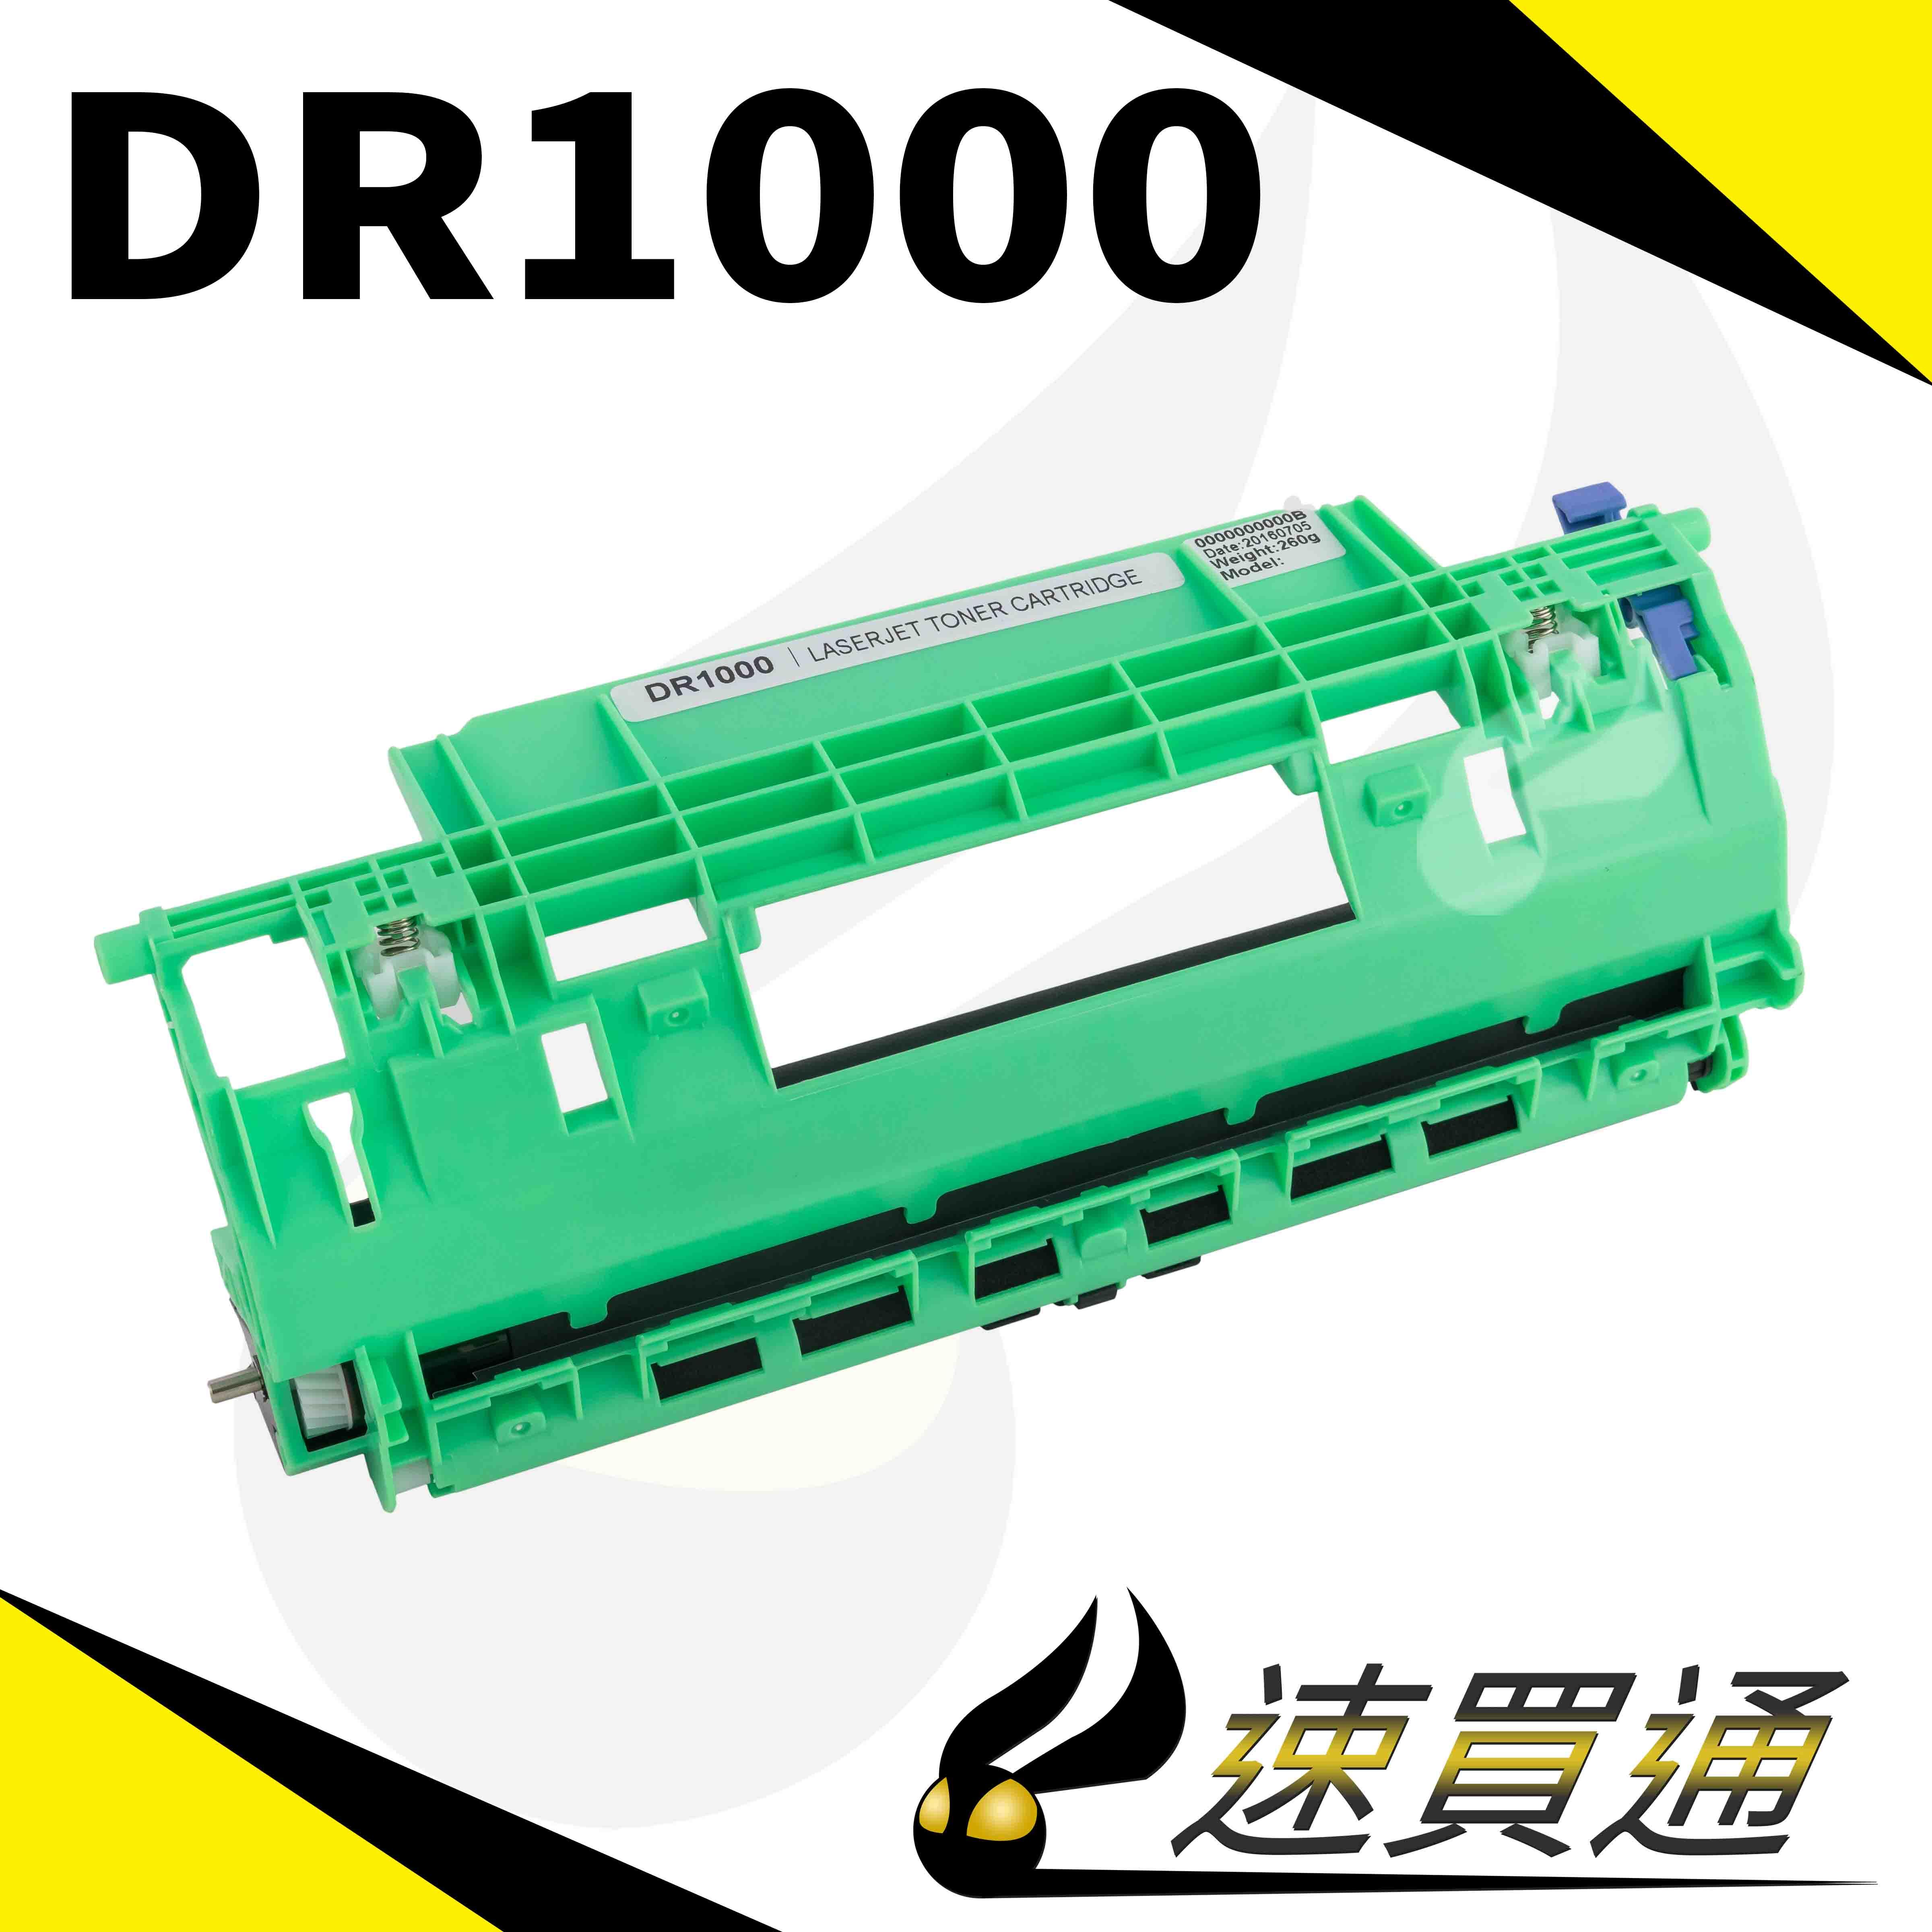 【速買通】Brother DR-1000/DR1000 相容感光鼓匣